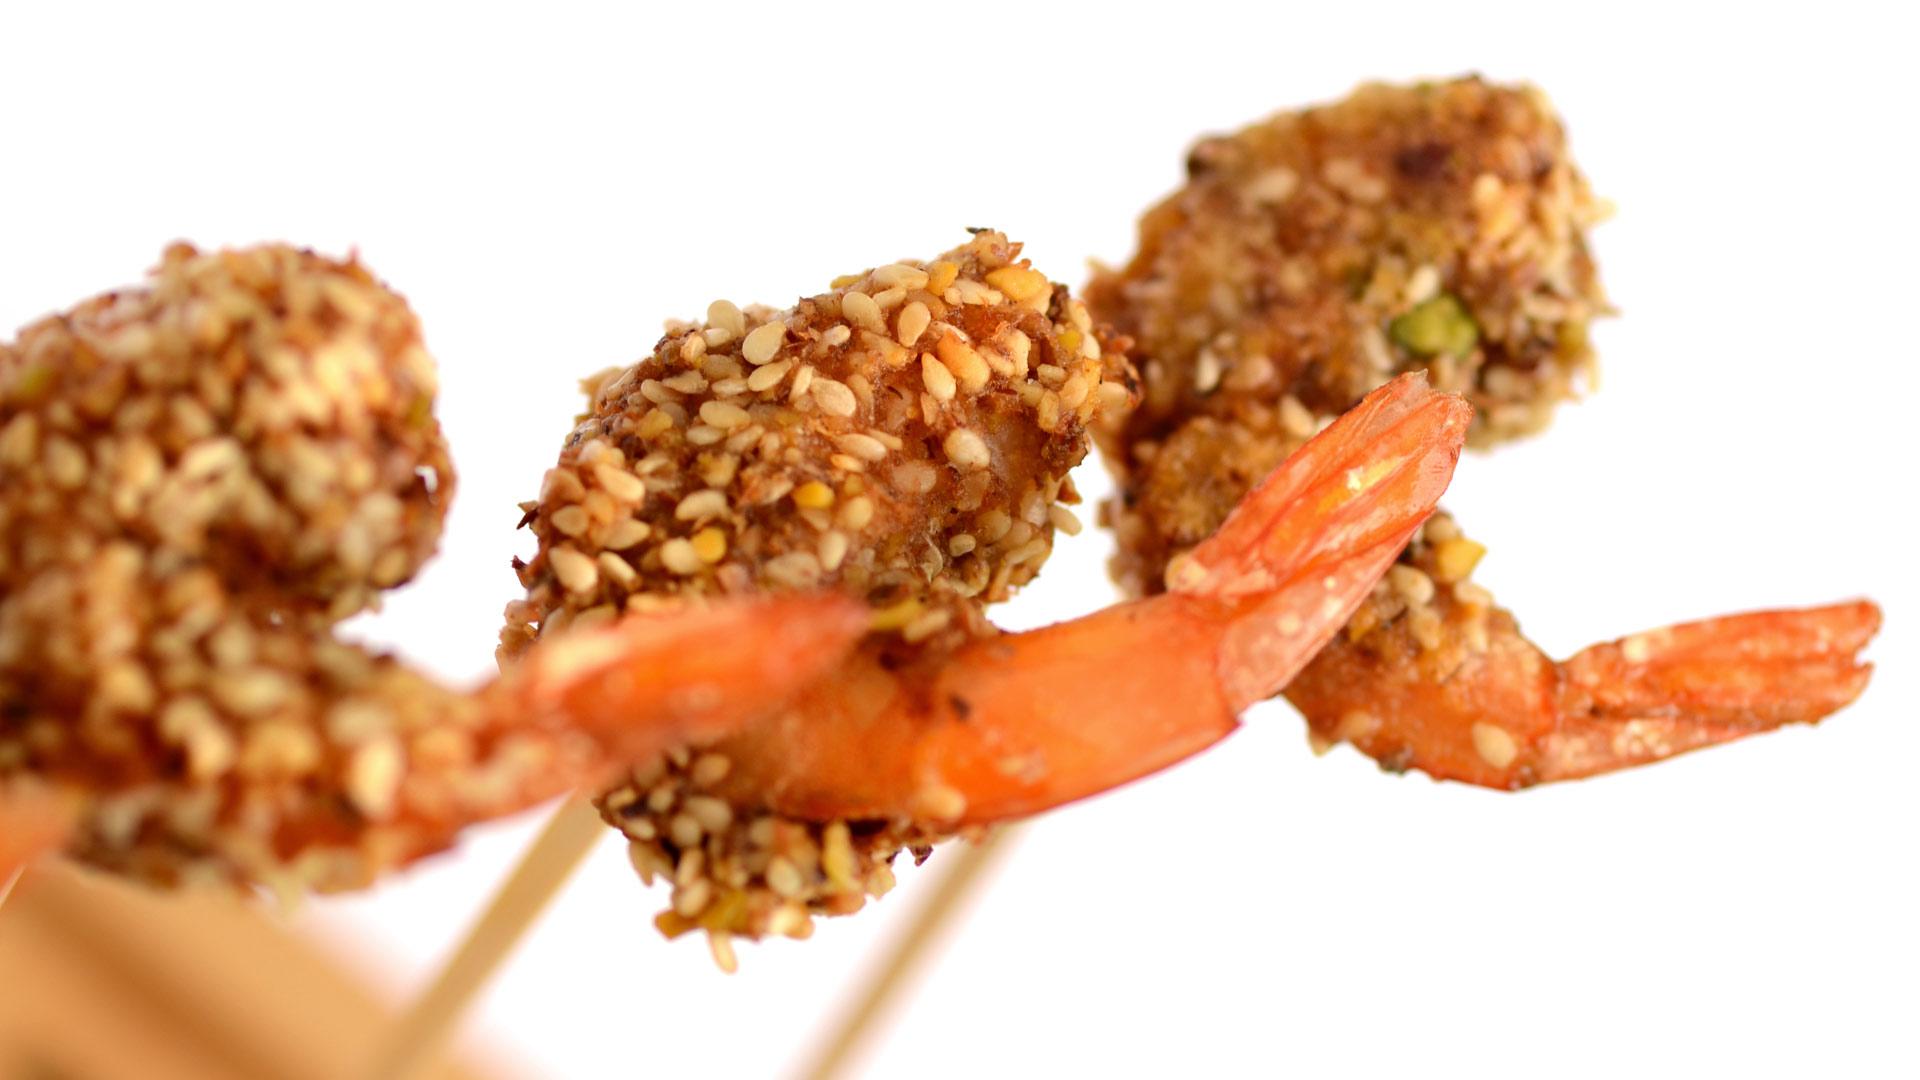 découvrez de savoureux beignets de crevettes aux eclats de pistache et sesame torrefie, chaud ou froid selon vos envies